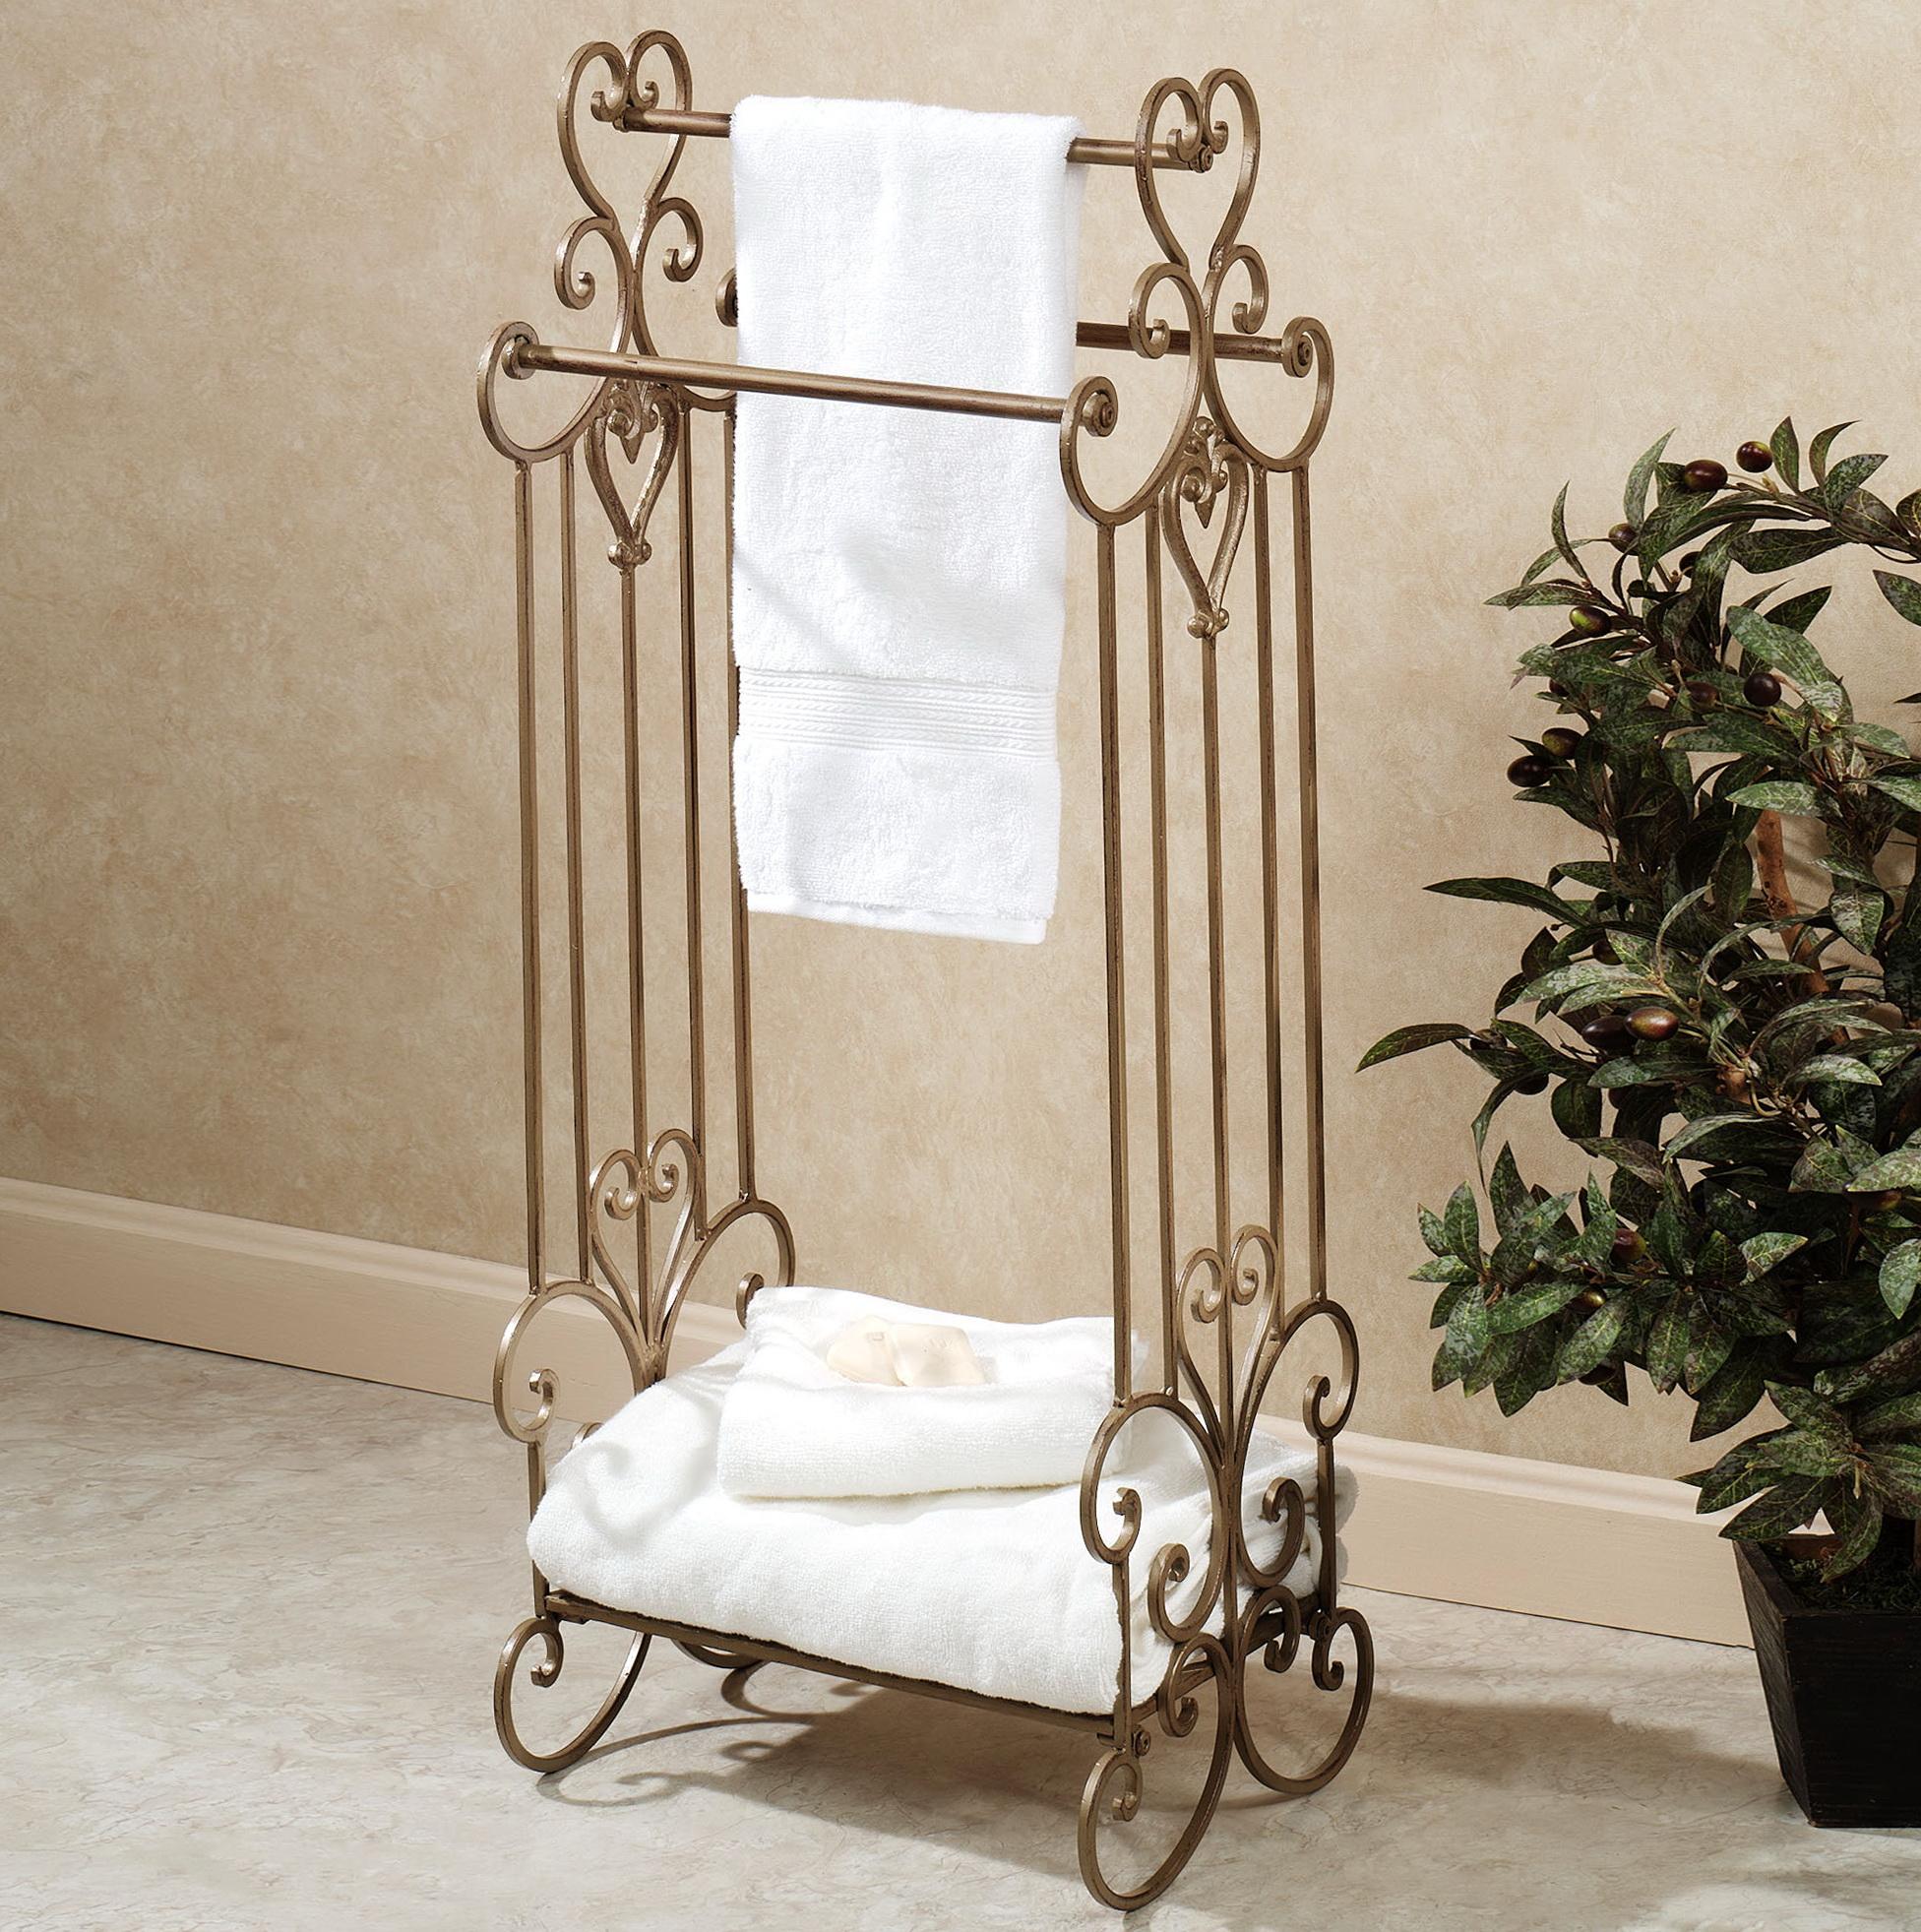 Bathroom Towel Racks Ideas